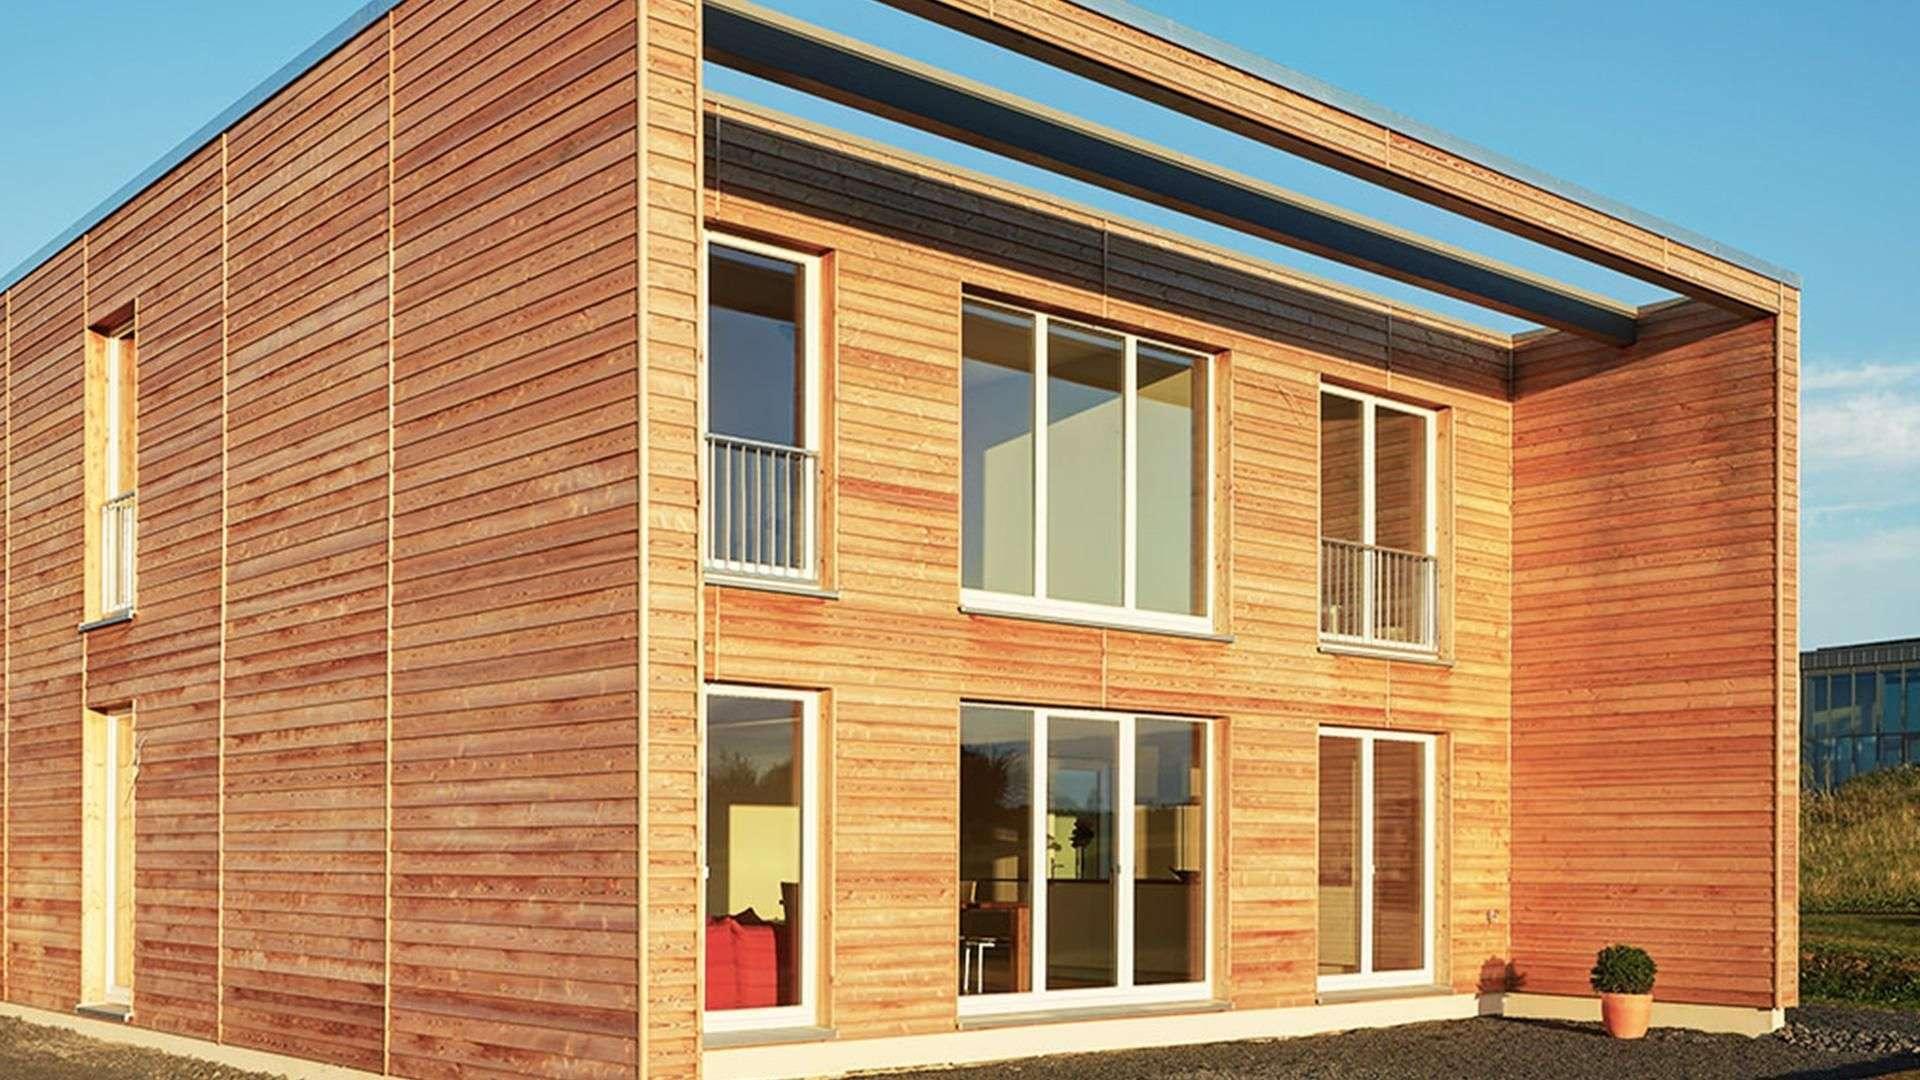 Fenster in einem Holzhaus.